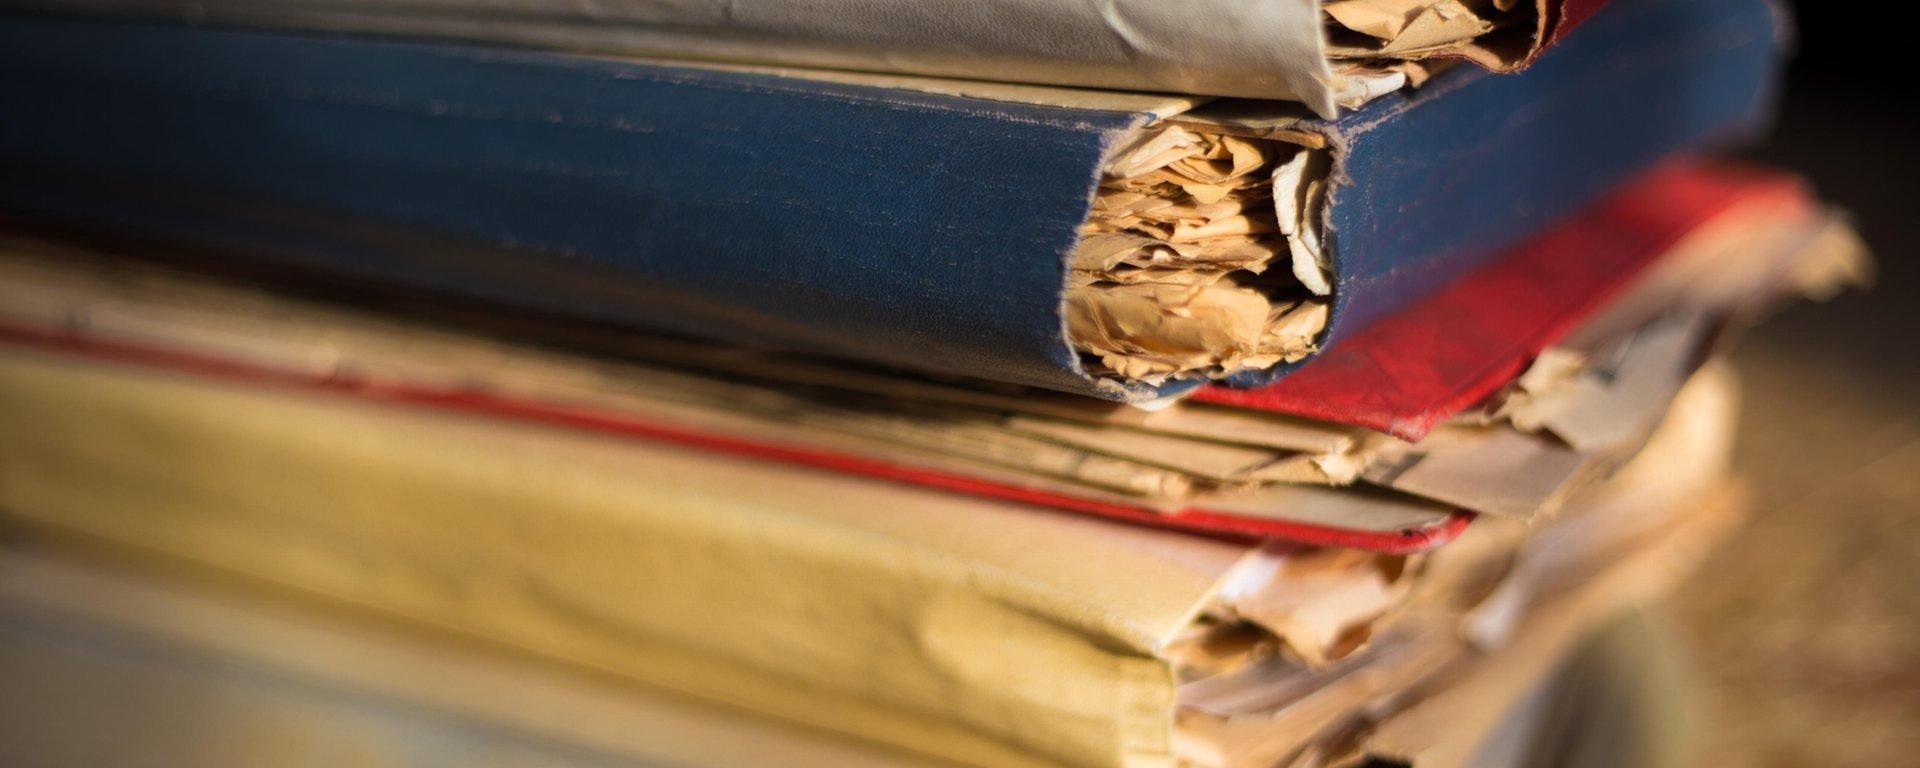 pila-di-libri